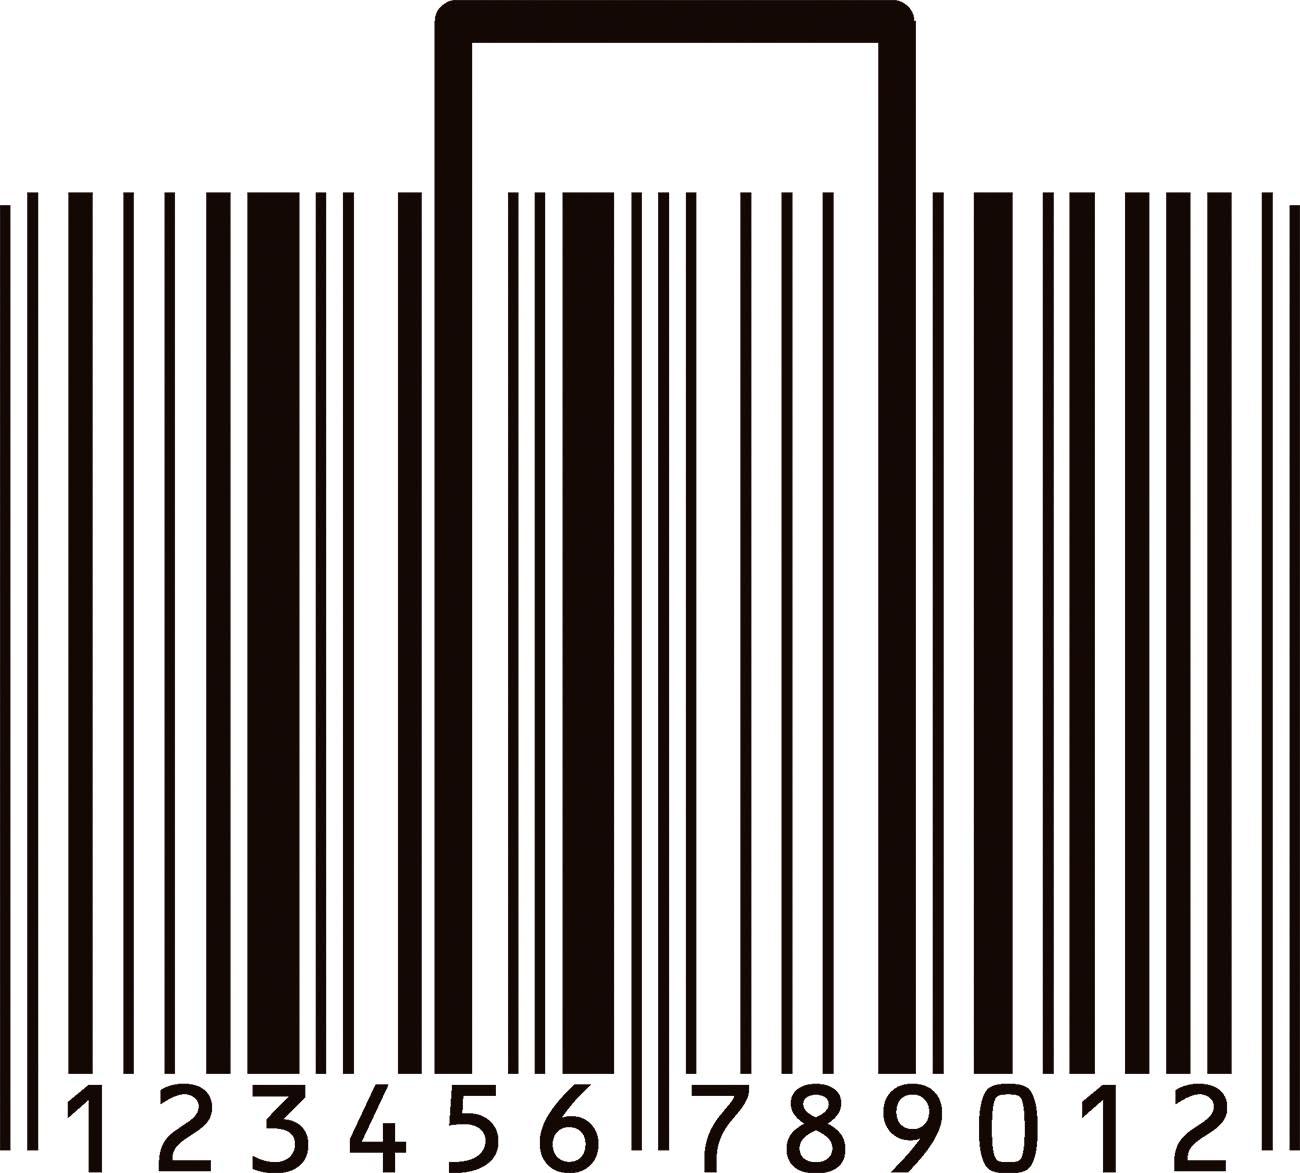 条形码是什么?条形码扫描仪是怎么识别条形码的?